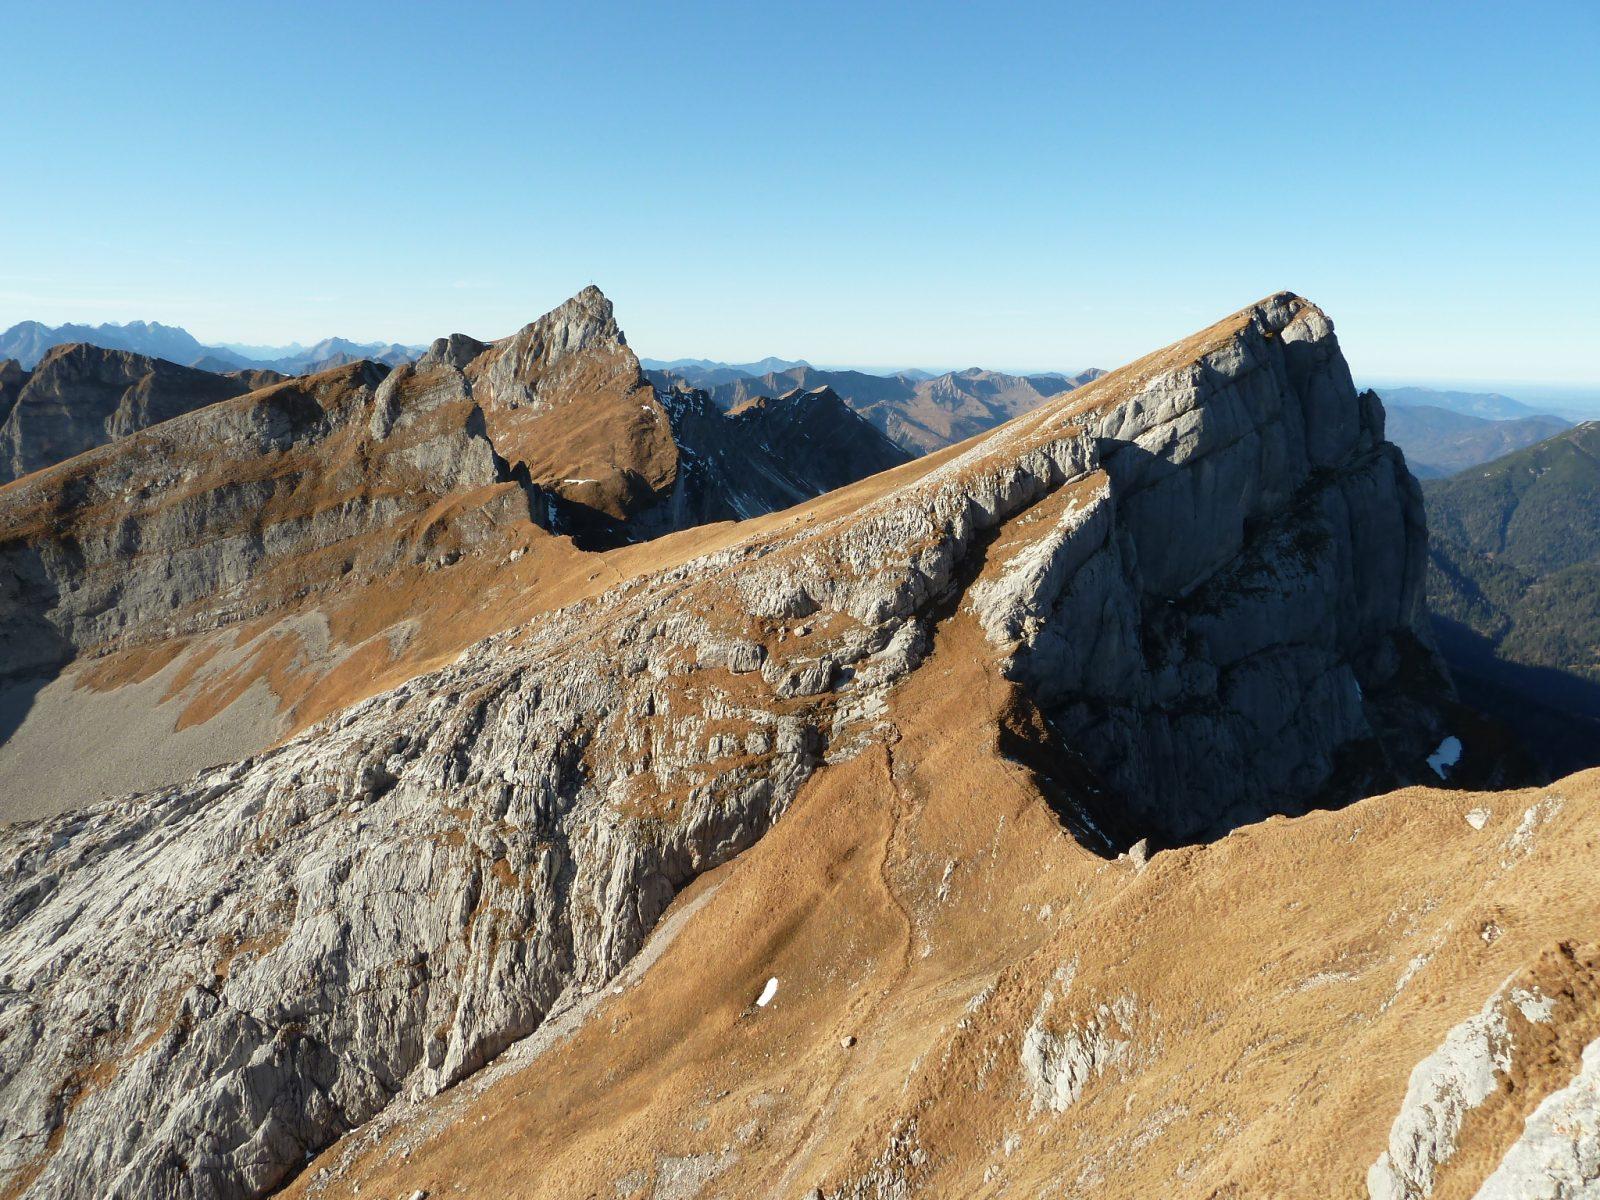 Der 5-Gipfel-Klettersteig im Rofan kombiniert sportliche Herausforderung und Bergerlebnis. Foto: Christina Schwann | Climbers Paradise